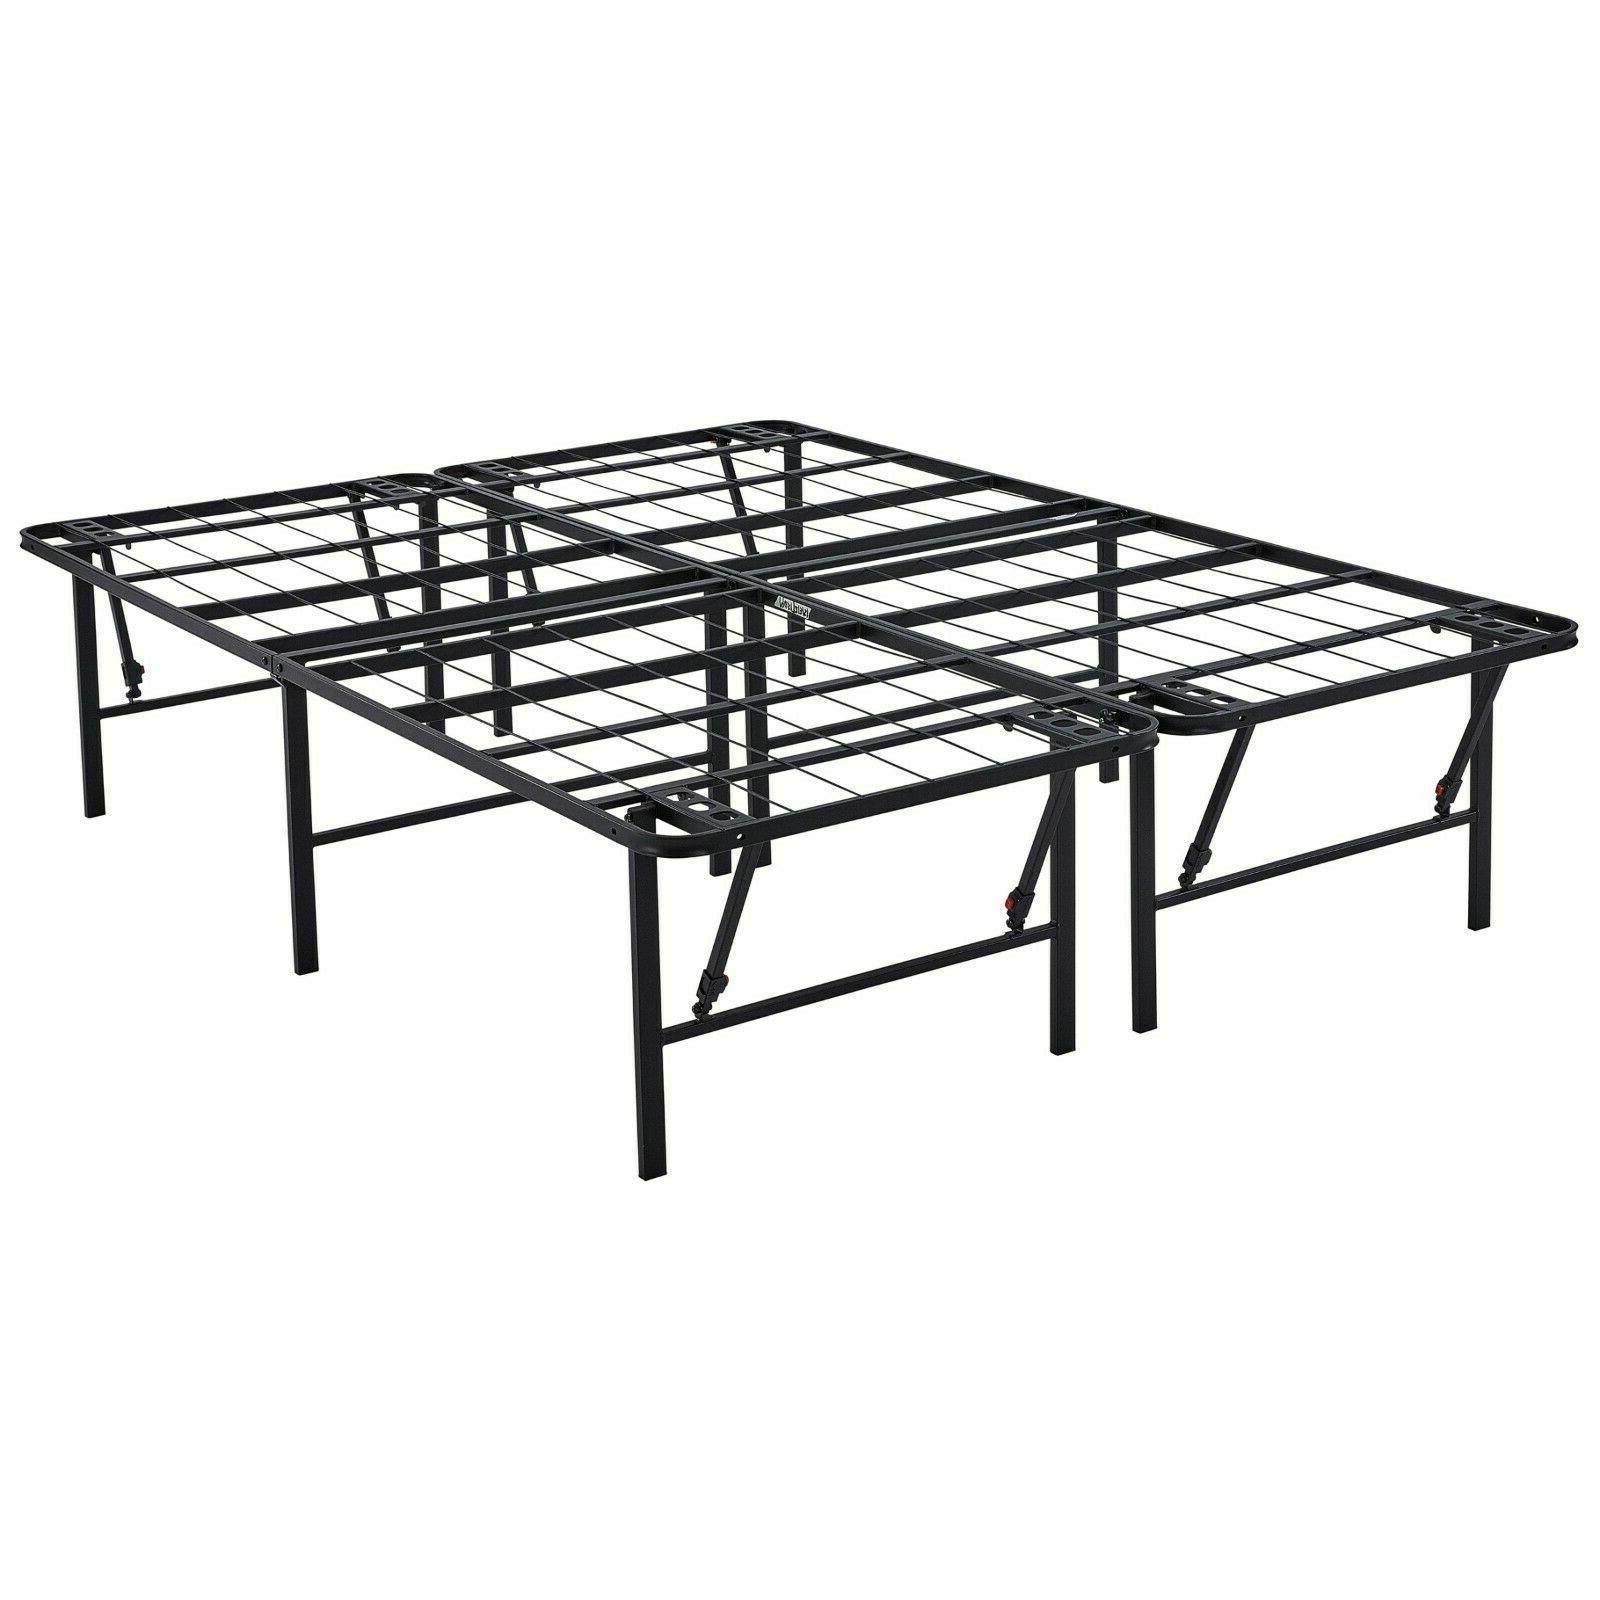 18 Inch Platform Bed Frame High Profile Foldable Mattress St